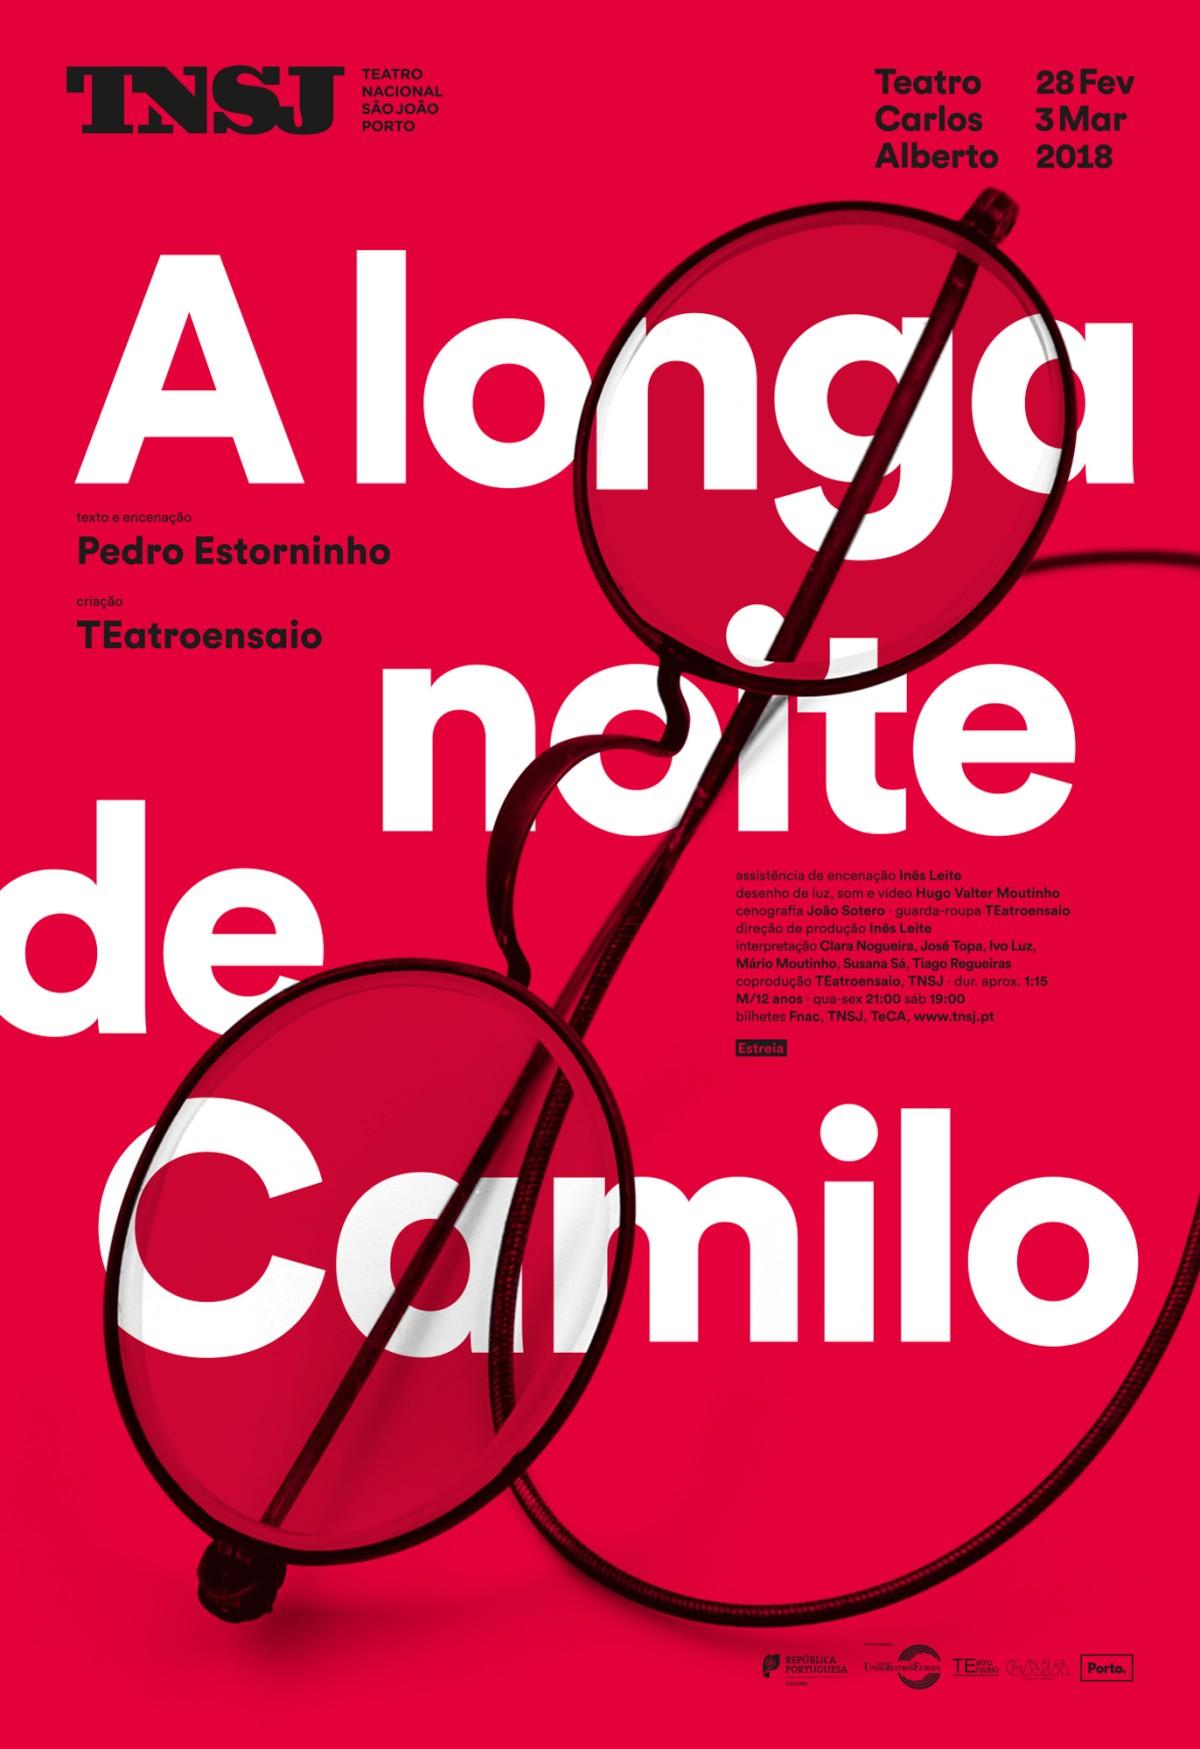 São João National Theatre Posters 2017-2018 Image:5.2